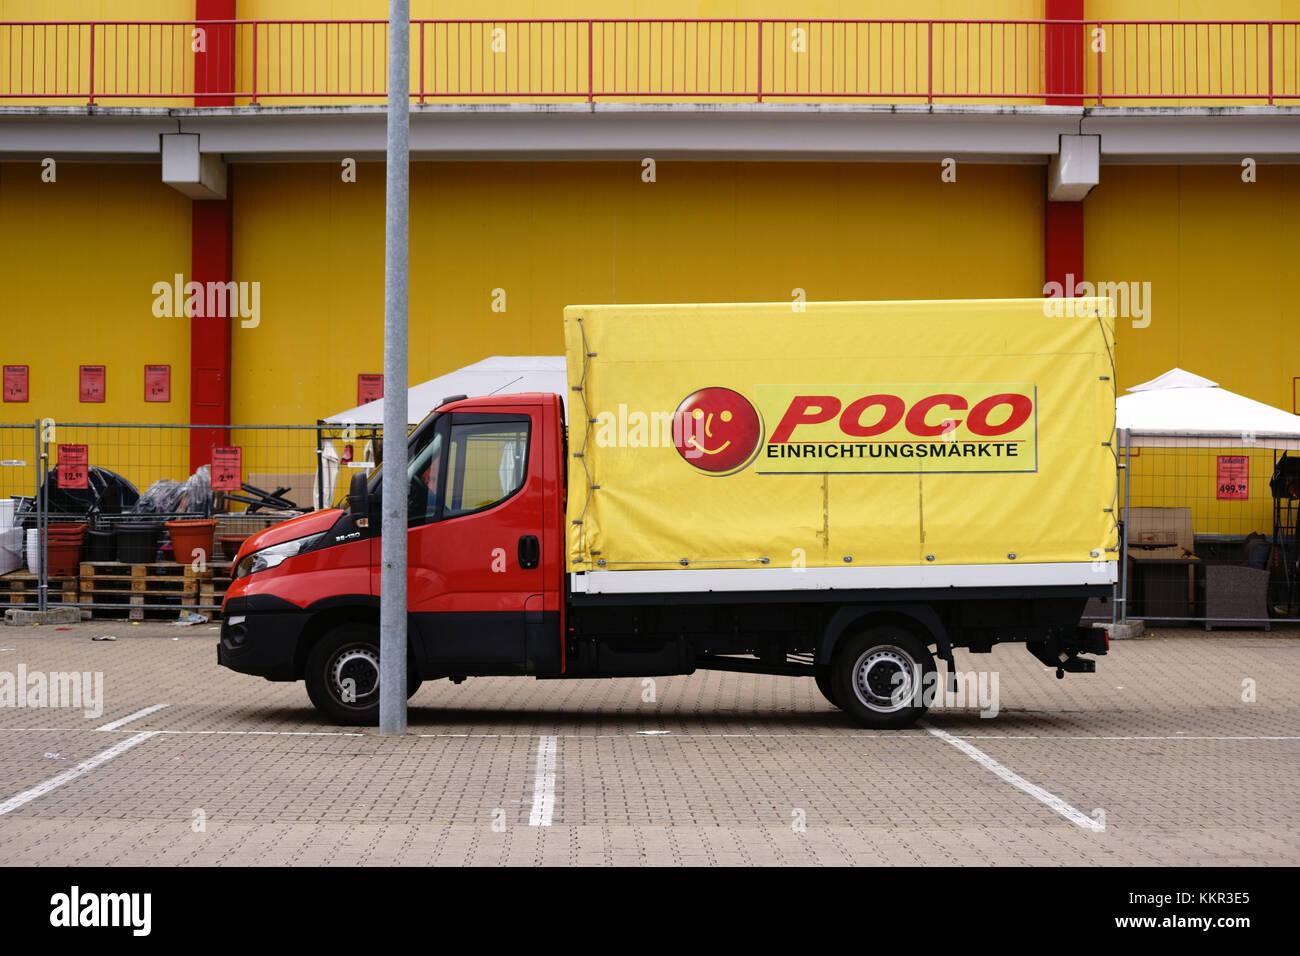 Ein Kleiner Lkw Auf Einem Parkplatz Der Mobel Shop Poco Stehen